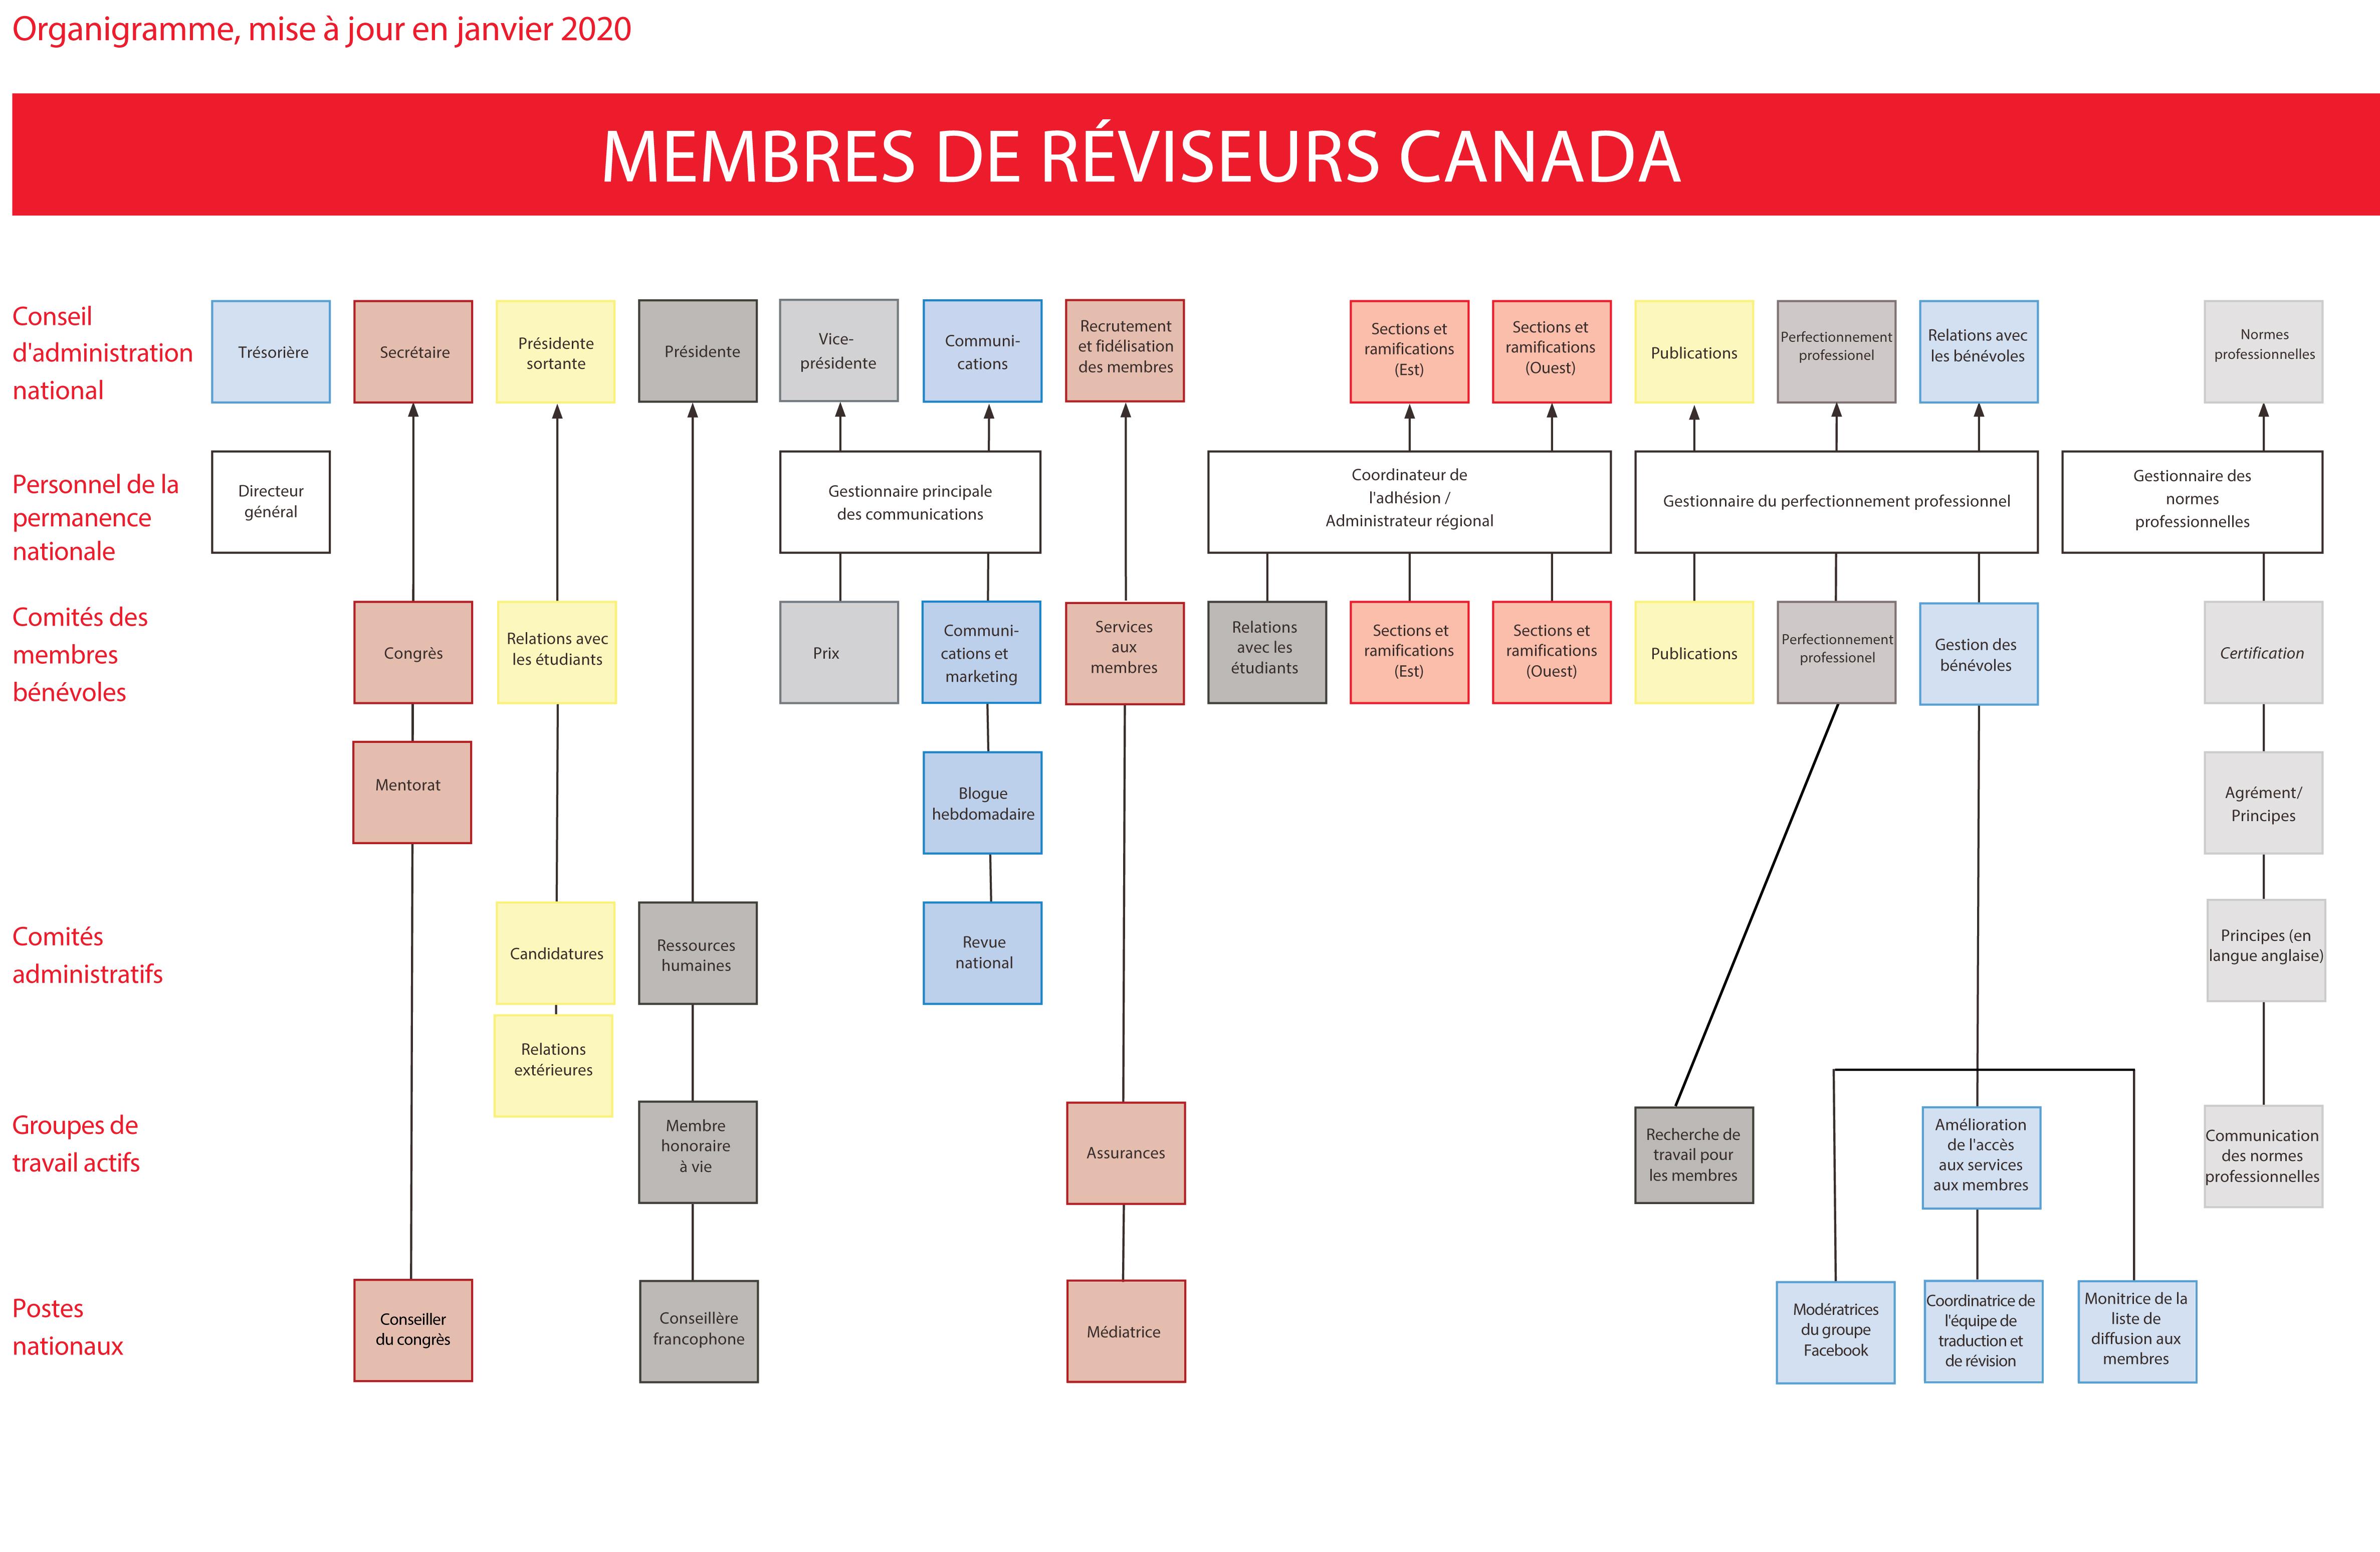 Organigramme de Réviseurs Canada (janvier 2020)